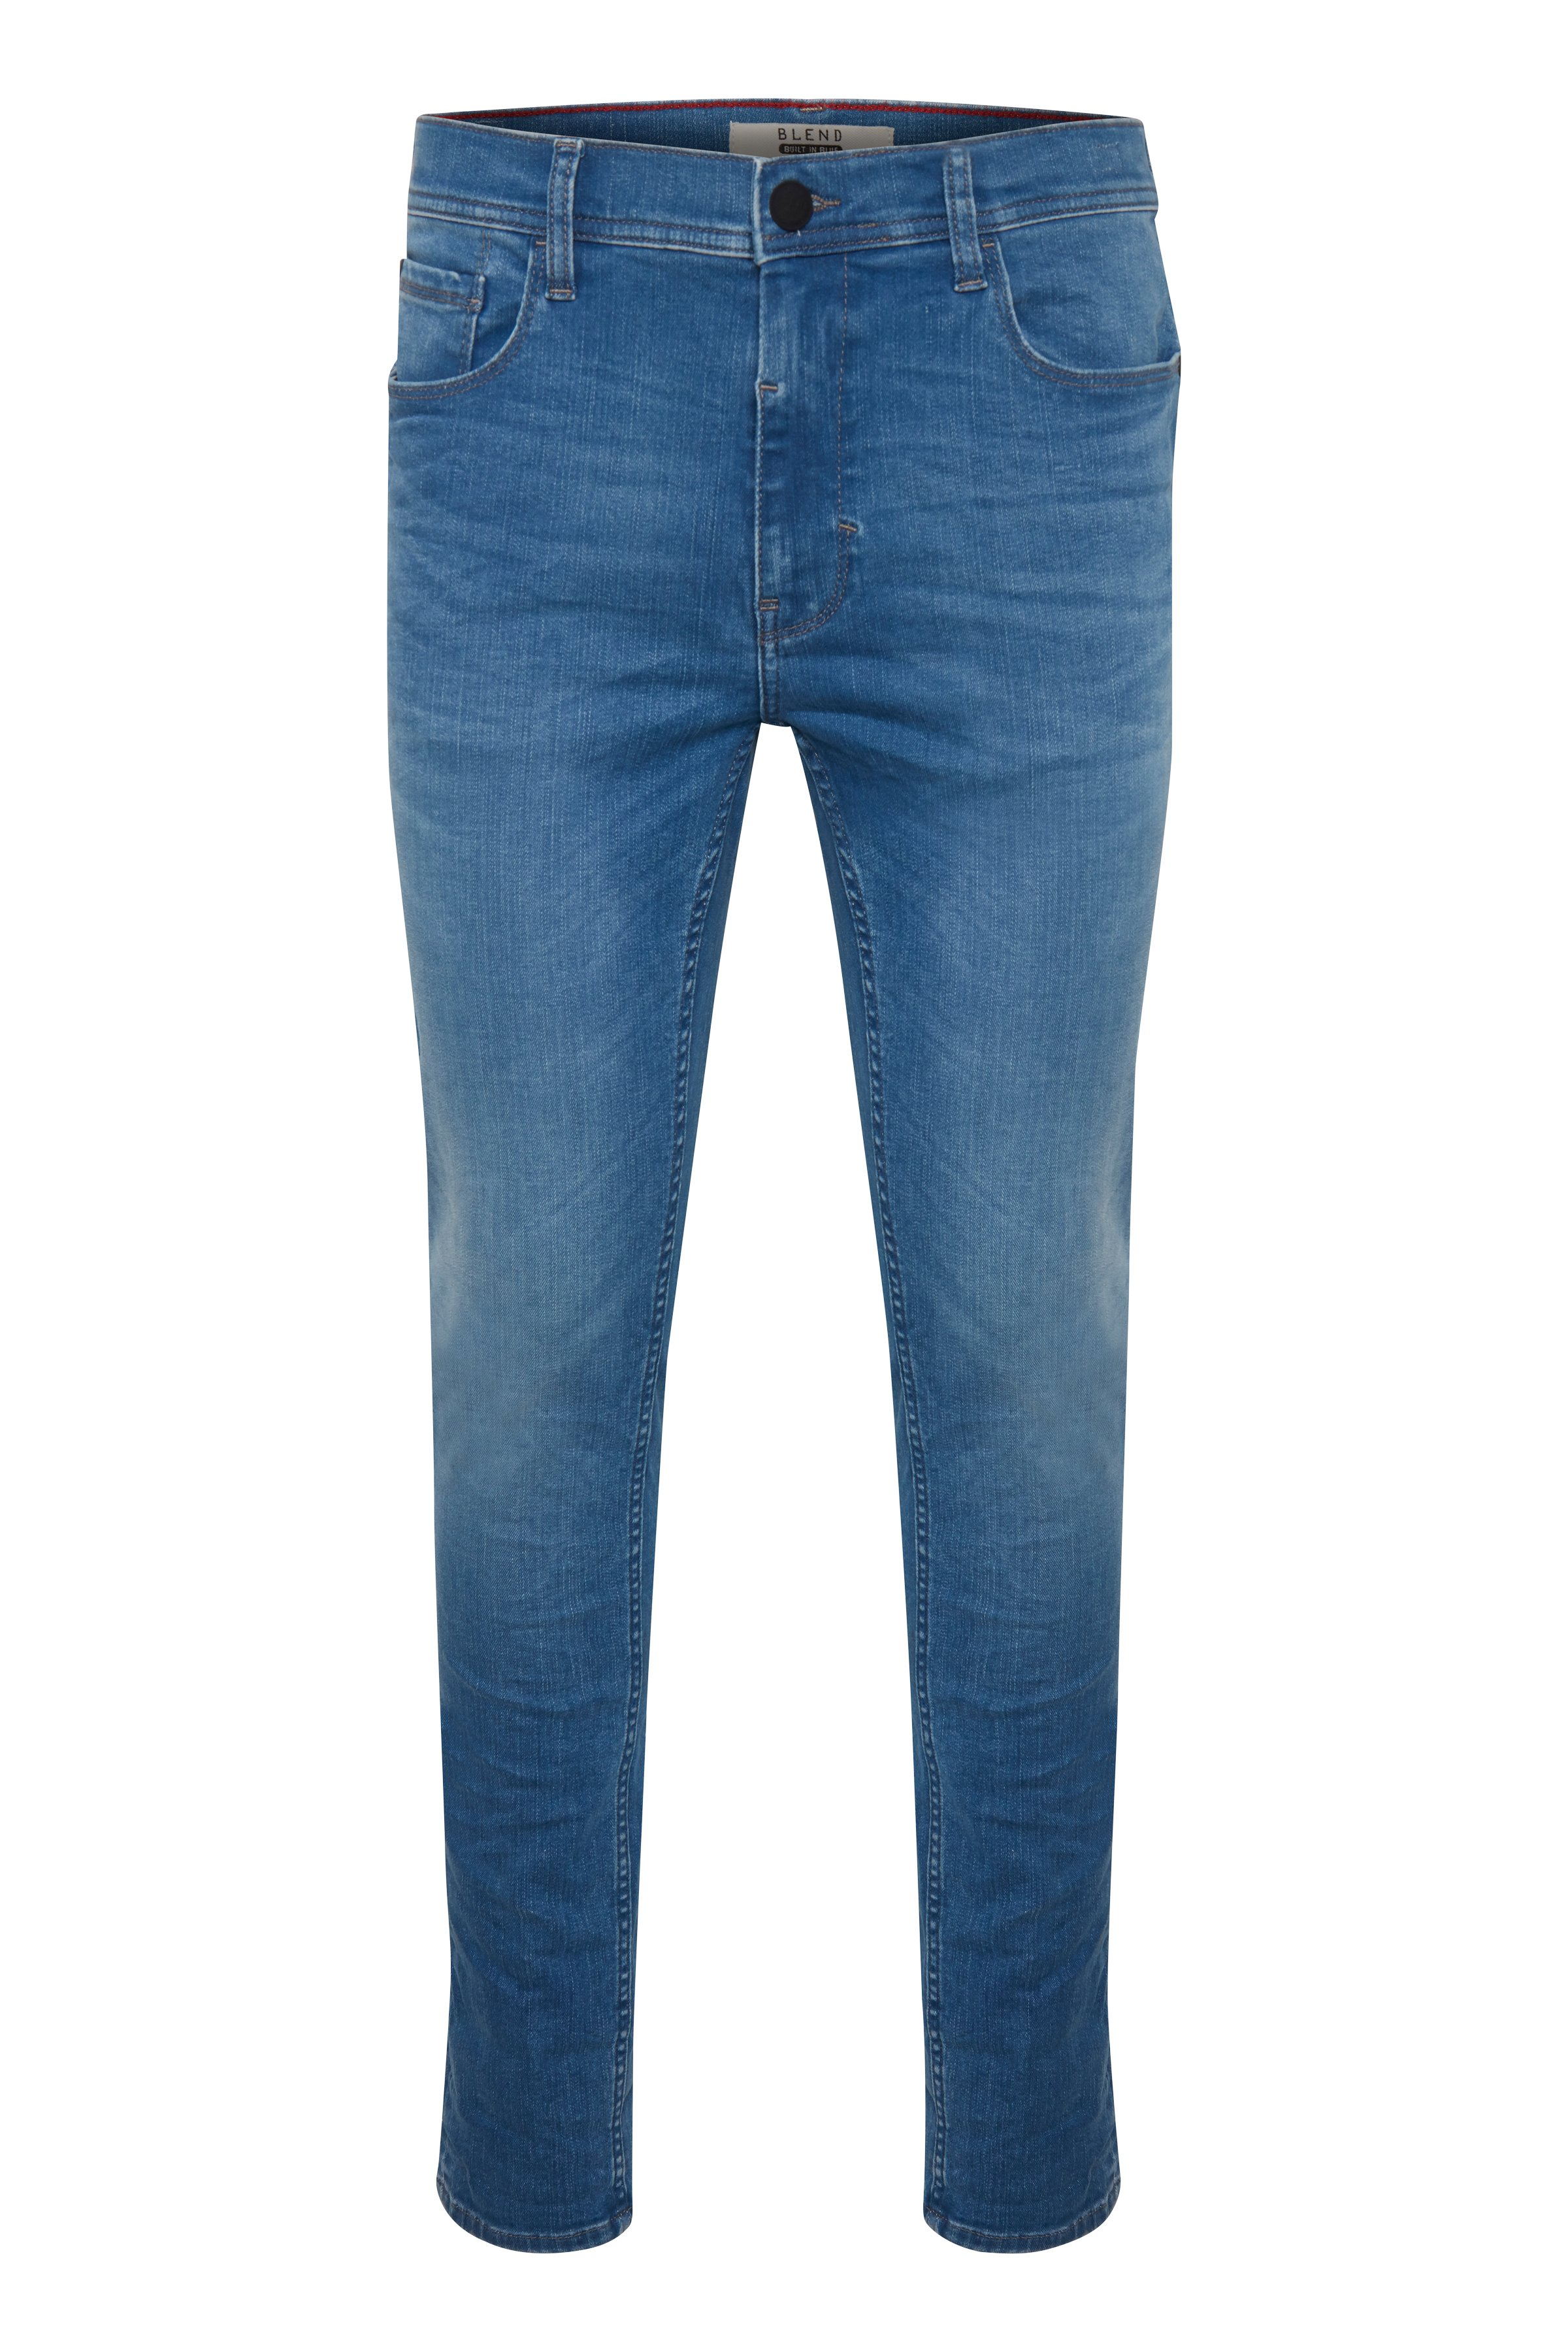 Denim Middle blue Jet jeans – Køb Denim Middle blue Jet jeans fra str. 33-36 her